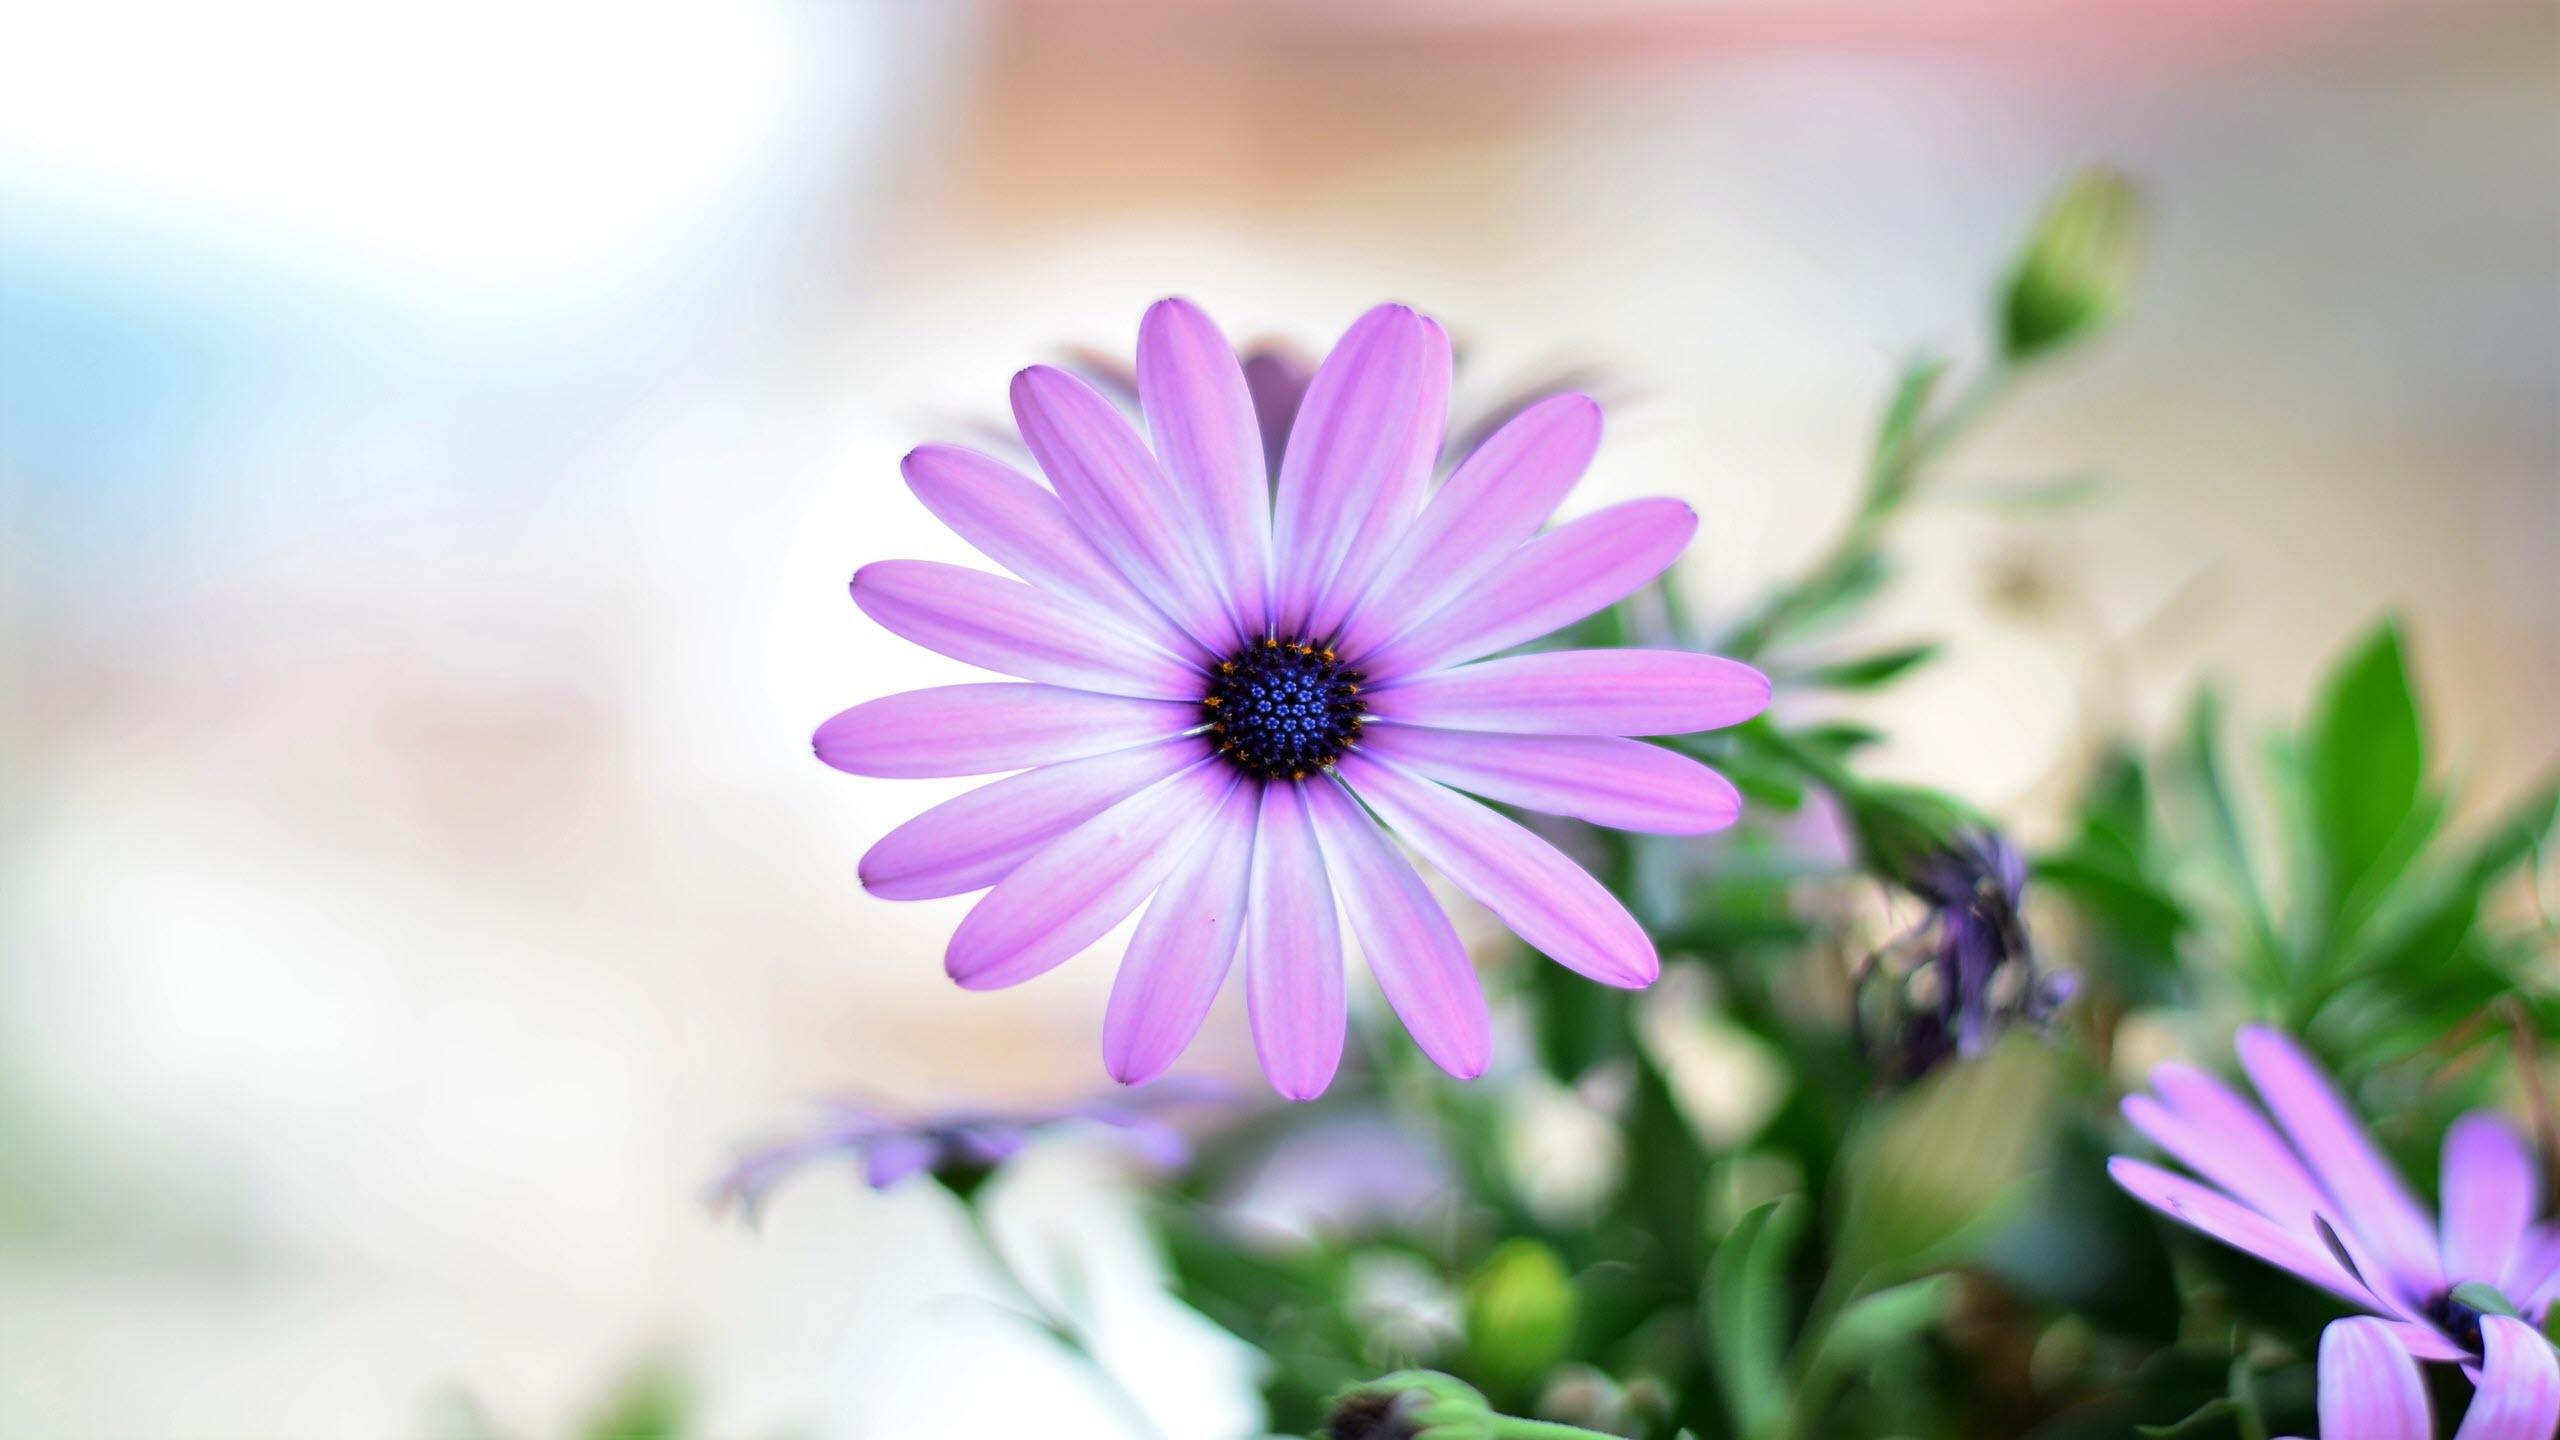 Hình nền hoa nở mùa xuân đẹp